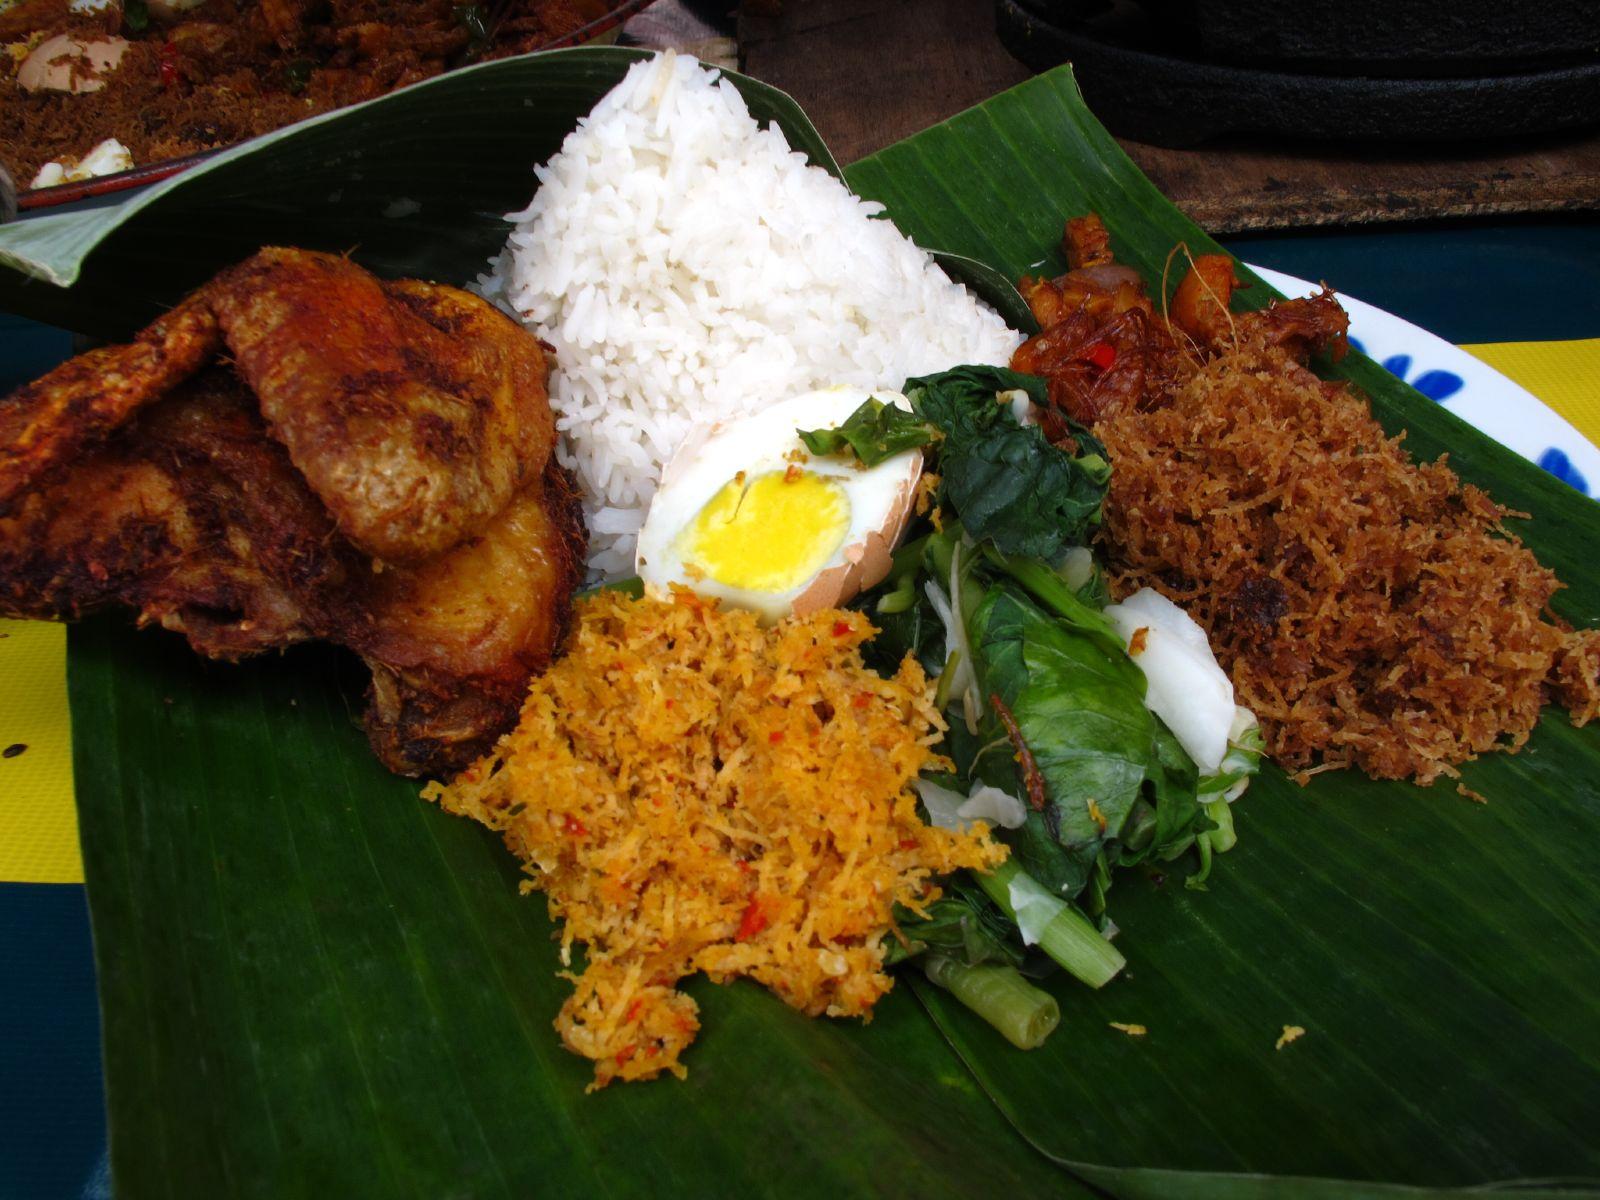 Nasi ambeng - Wikipedi...V Is For Vegetables